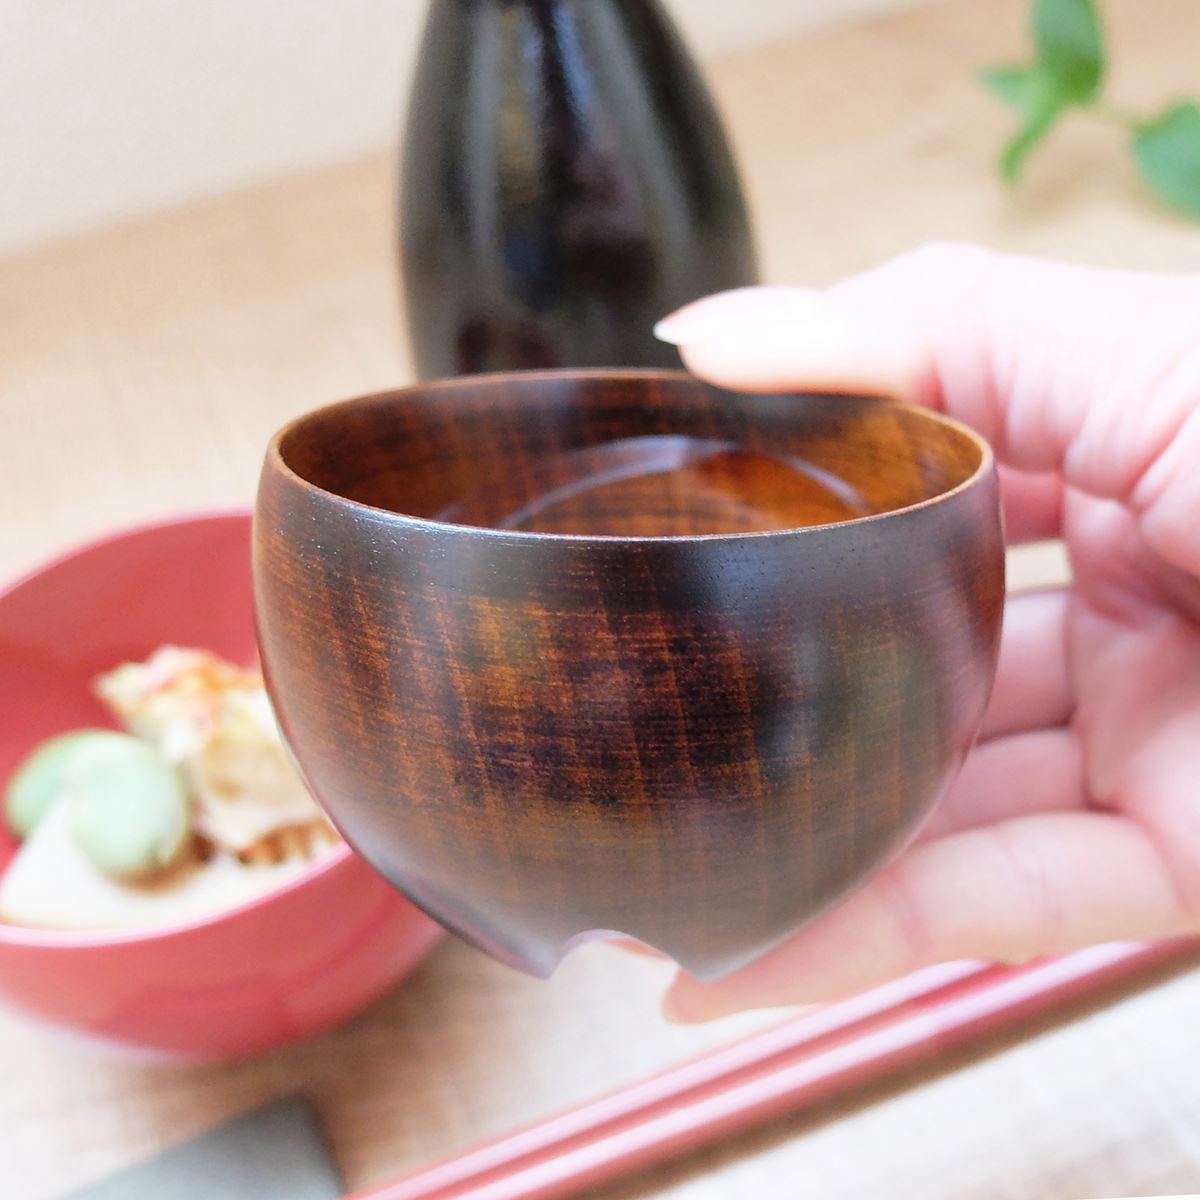 RAKUZEN 倒れても起き上がる漆塗りのぐいのみ らく杯〔直径70mm×高さ50mm 〕